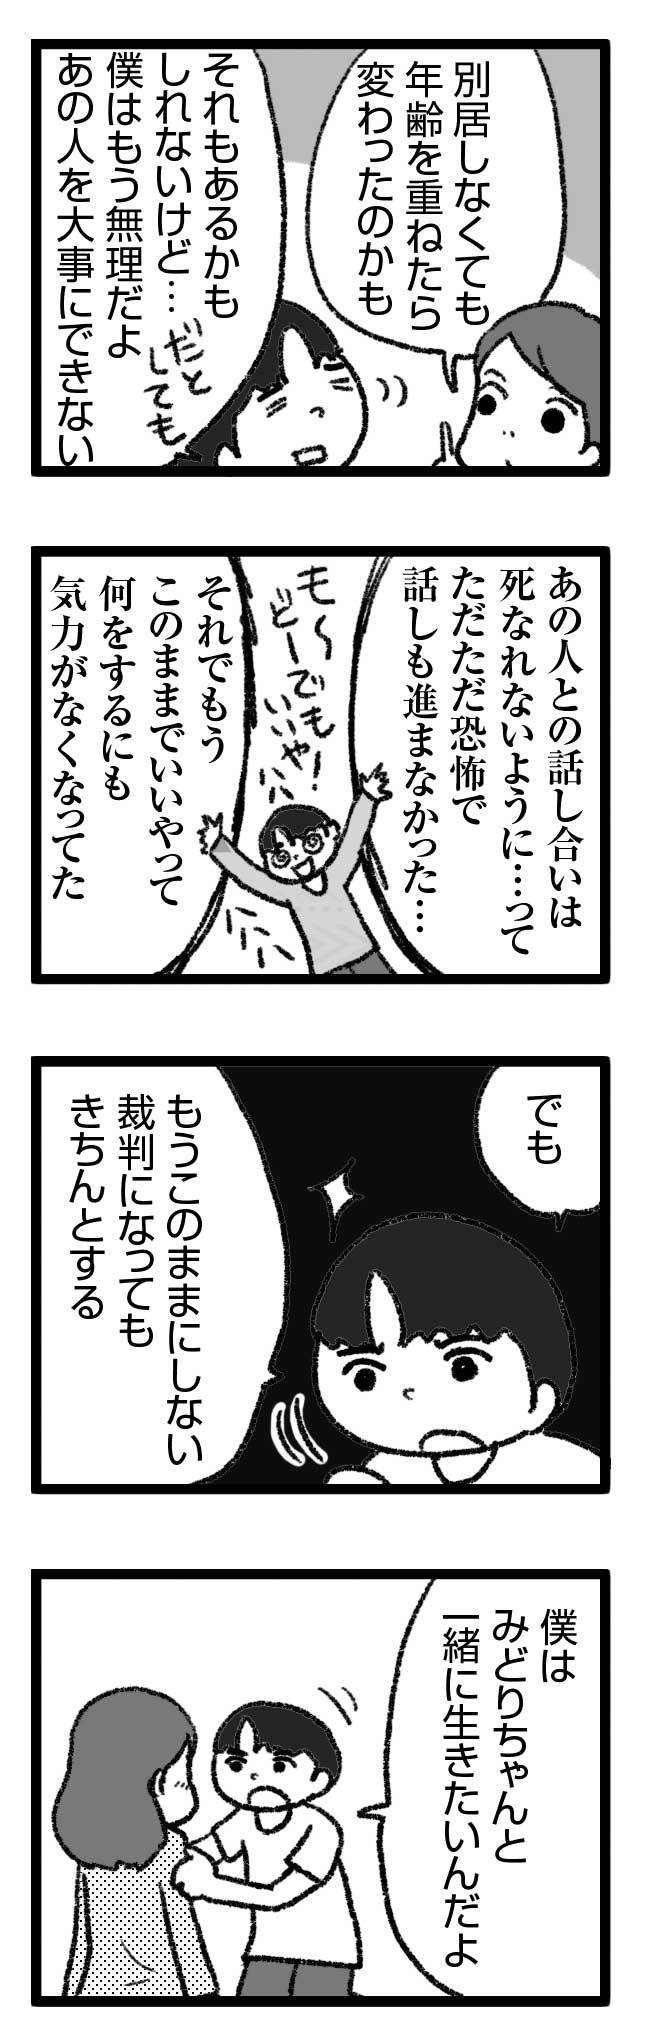 619 共依存ヌケ 2 結婚 離婚 別居 別居中 メンヘラ うつ 辛い 依存 共依存 妻 夫 実は 漫画 まんが マンガ